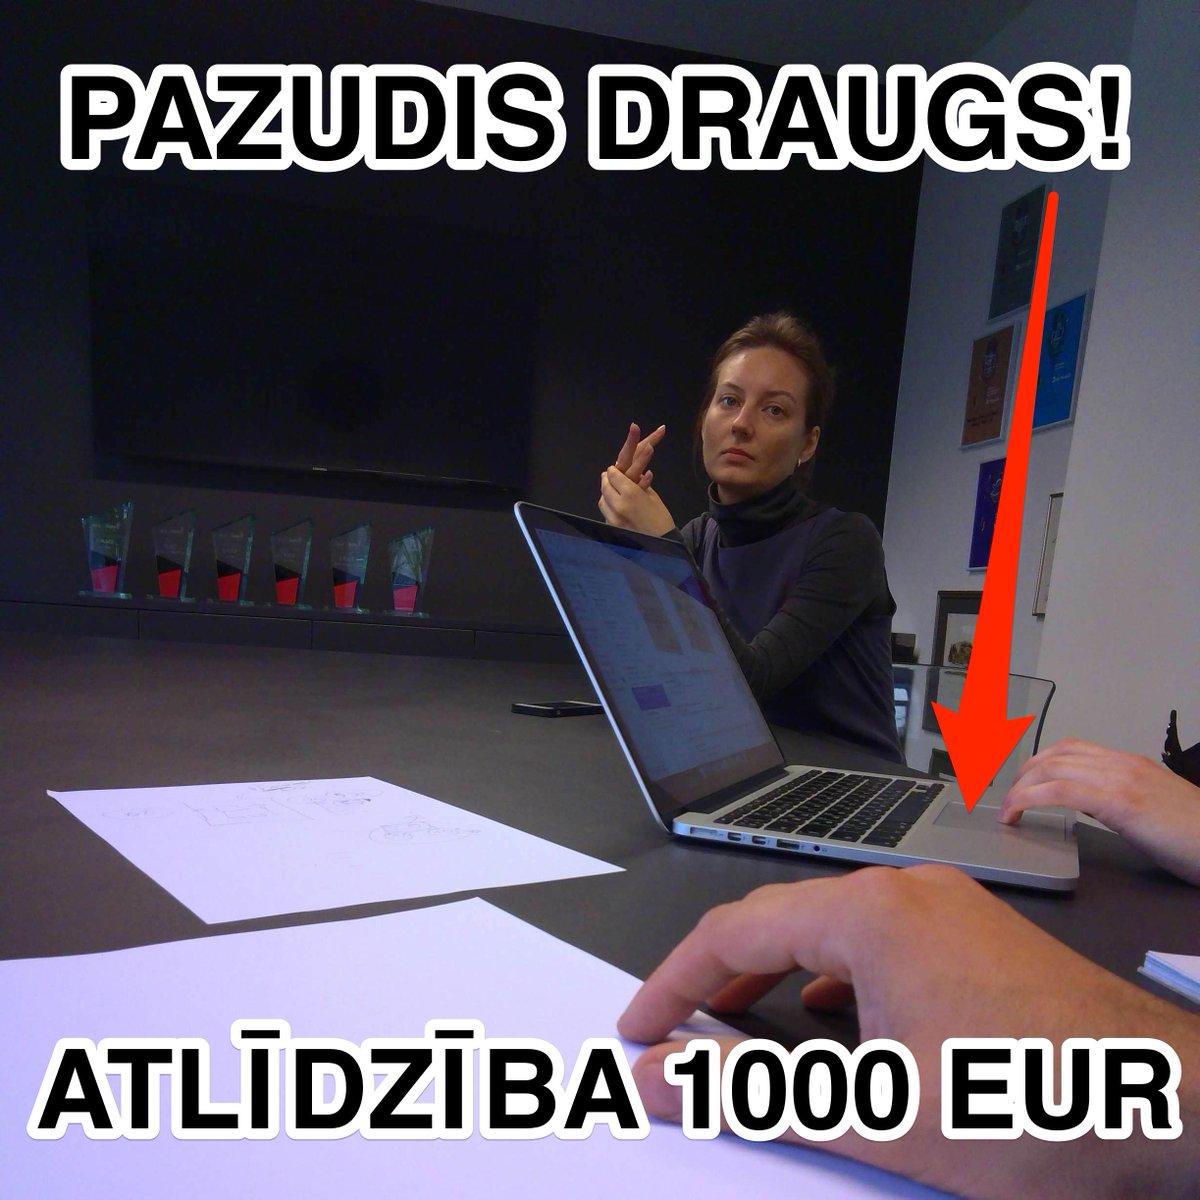 Pazaudēju MacBook Pro (iespējams, kaur kur pie RISEBA). Atradējam ANONIMITĀTE GARANTĒTA un 1000 EUR skaidrā naudā. https://t.co/rdkTJOfJda